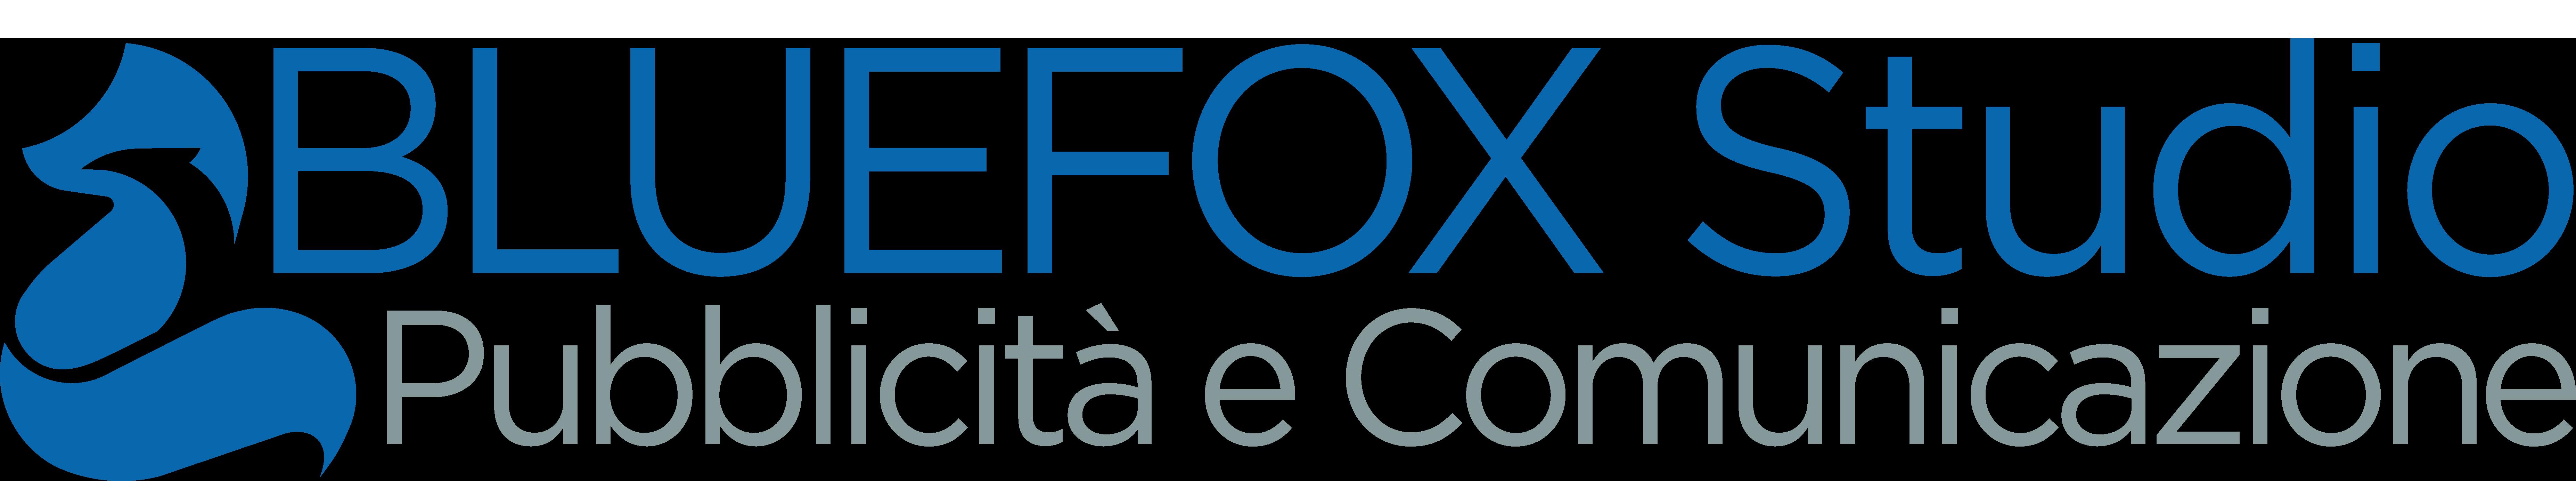 BlueFox Studio di Durante Nicola